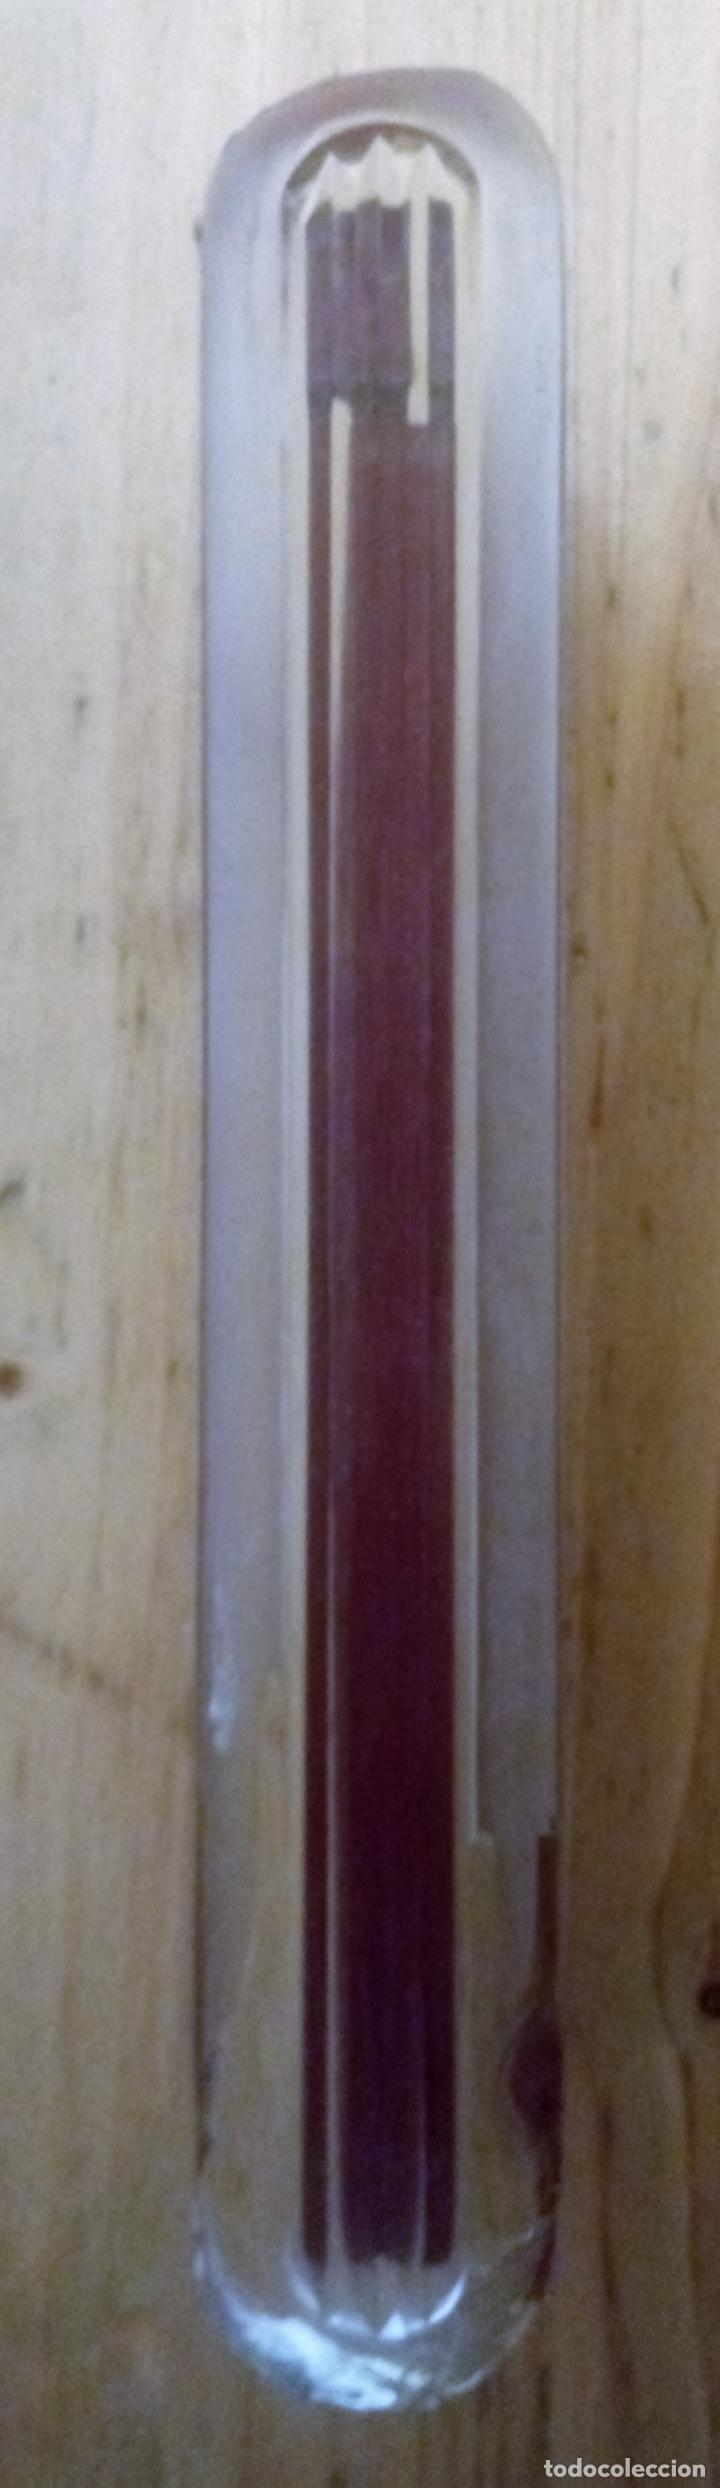 Escribanía: PISAPAPELES DE CRISTAL - 21.5 x 3.5 x 2 CMS - Foto 4 - 129426011